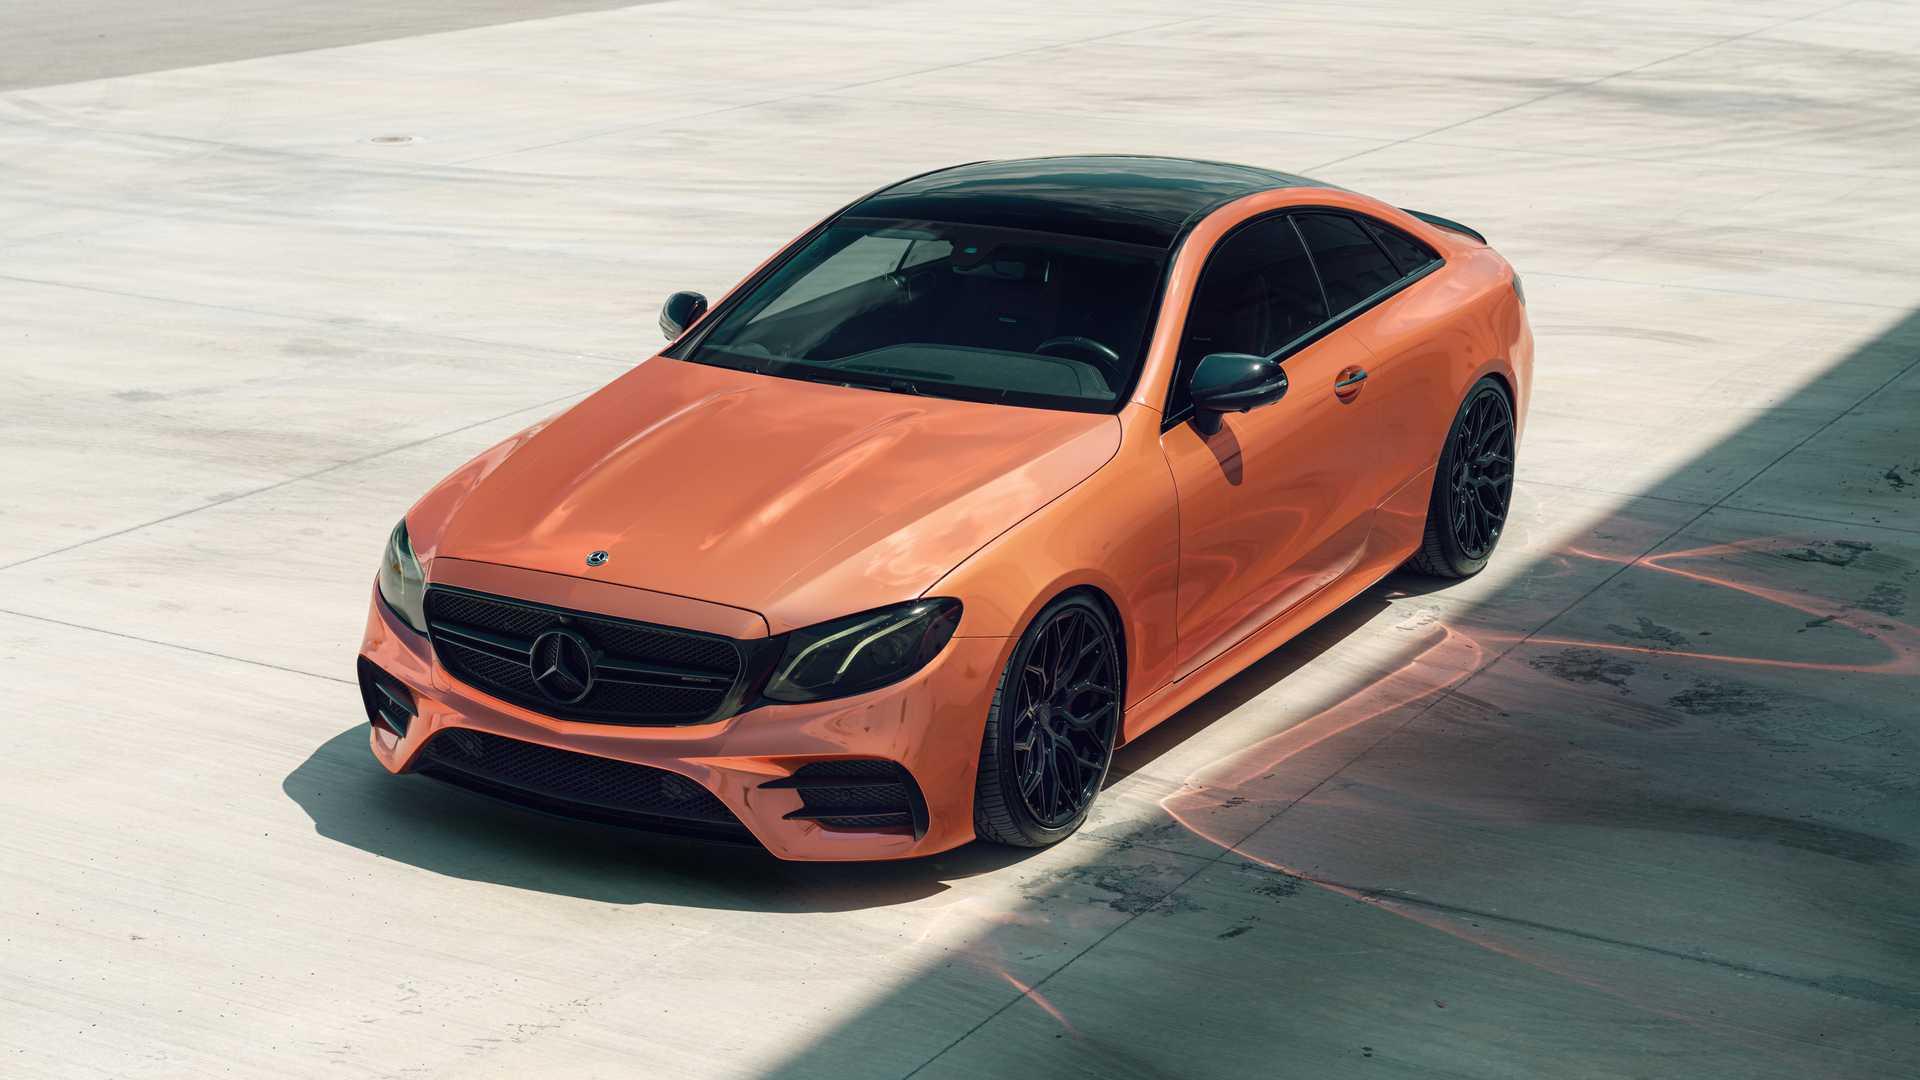 铜色车身配黑圈,百公里加速4.5s,老款奔驰E53美式改装版